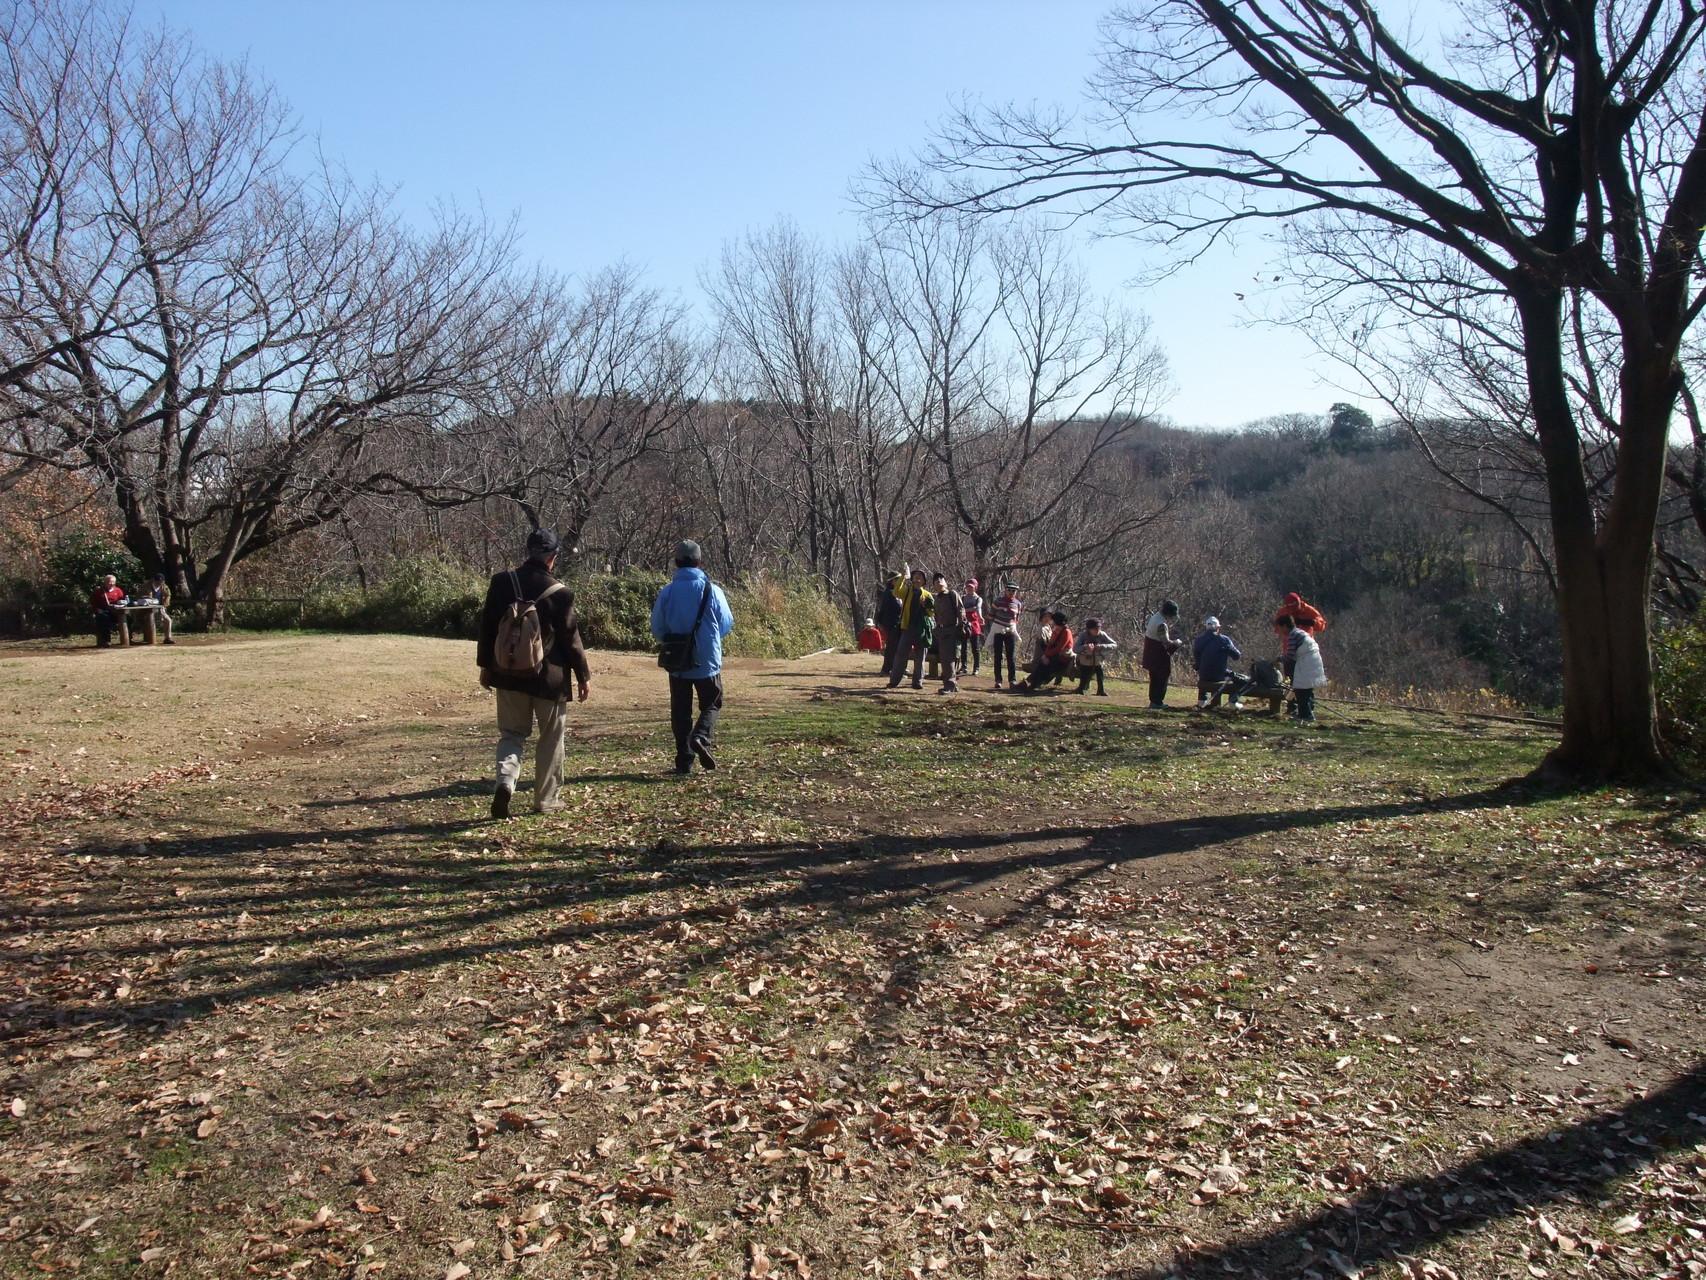 舞岡公園に至る、舞岡ふるさと村、ふるさとの森を散策